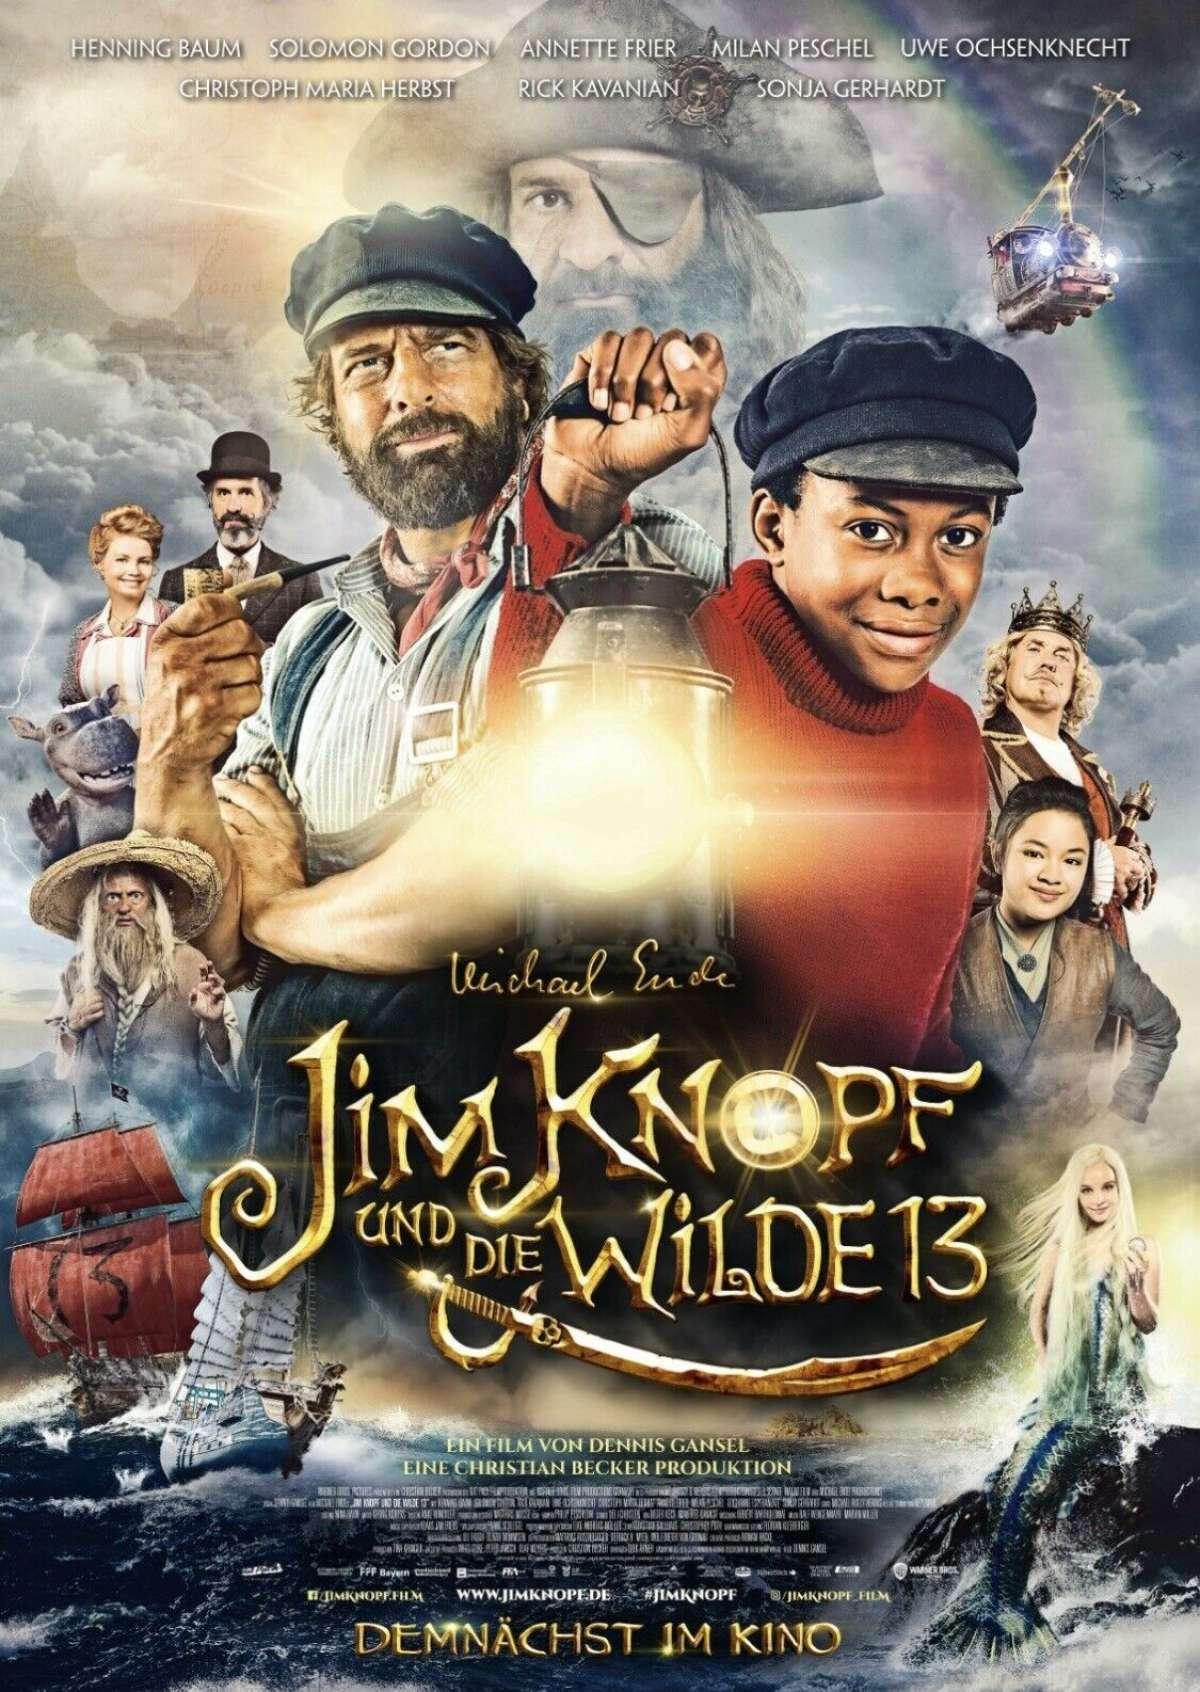 Jim Knopf und die Wilde 13 - Cineplex   - Bad Hersfeld